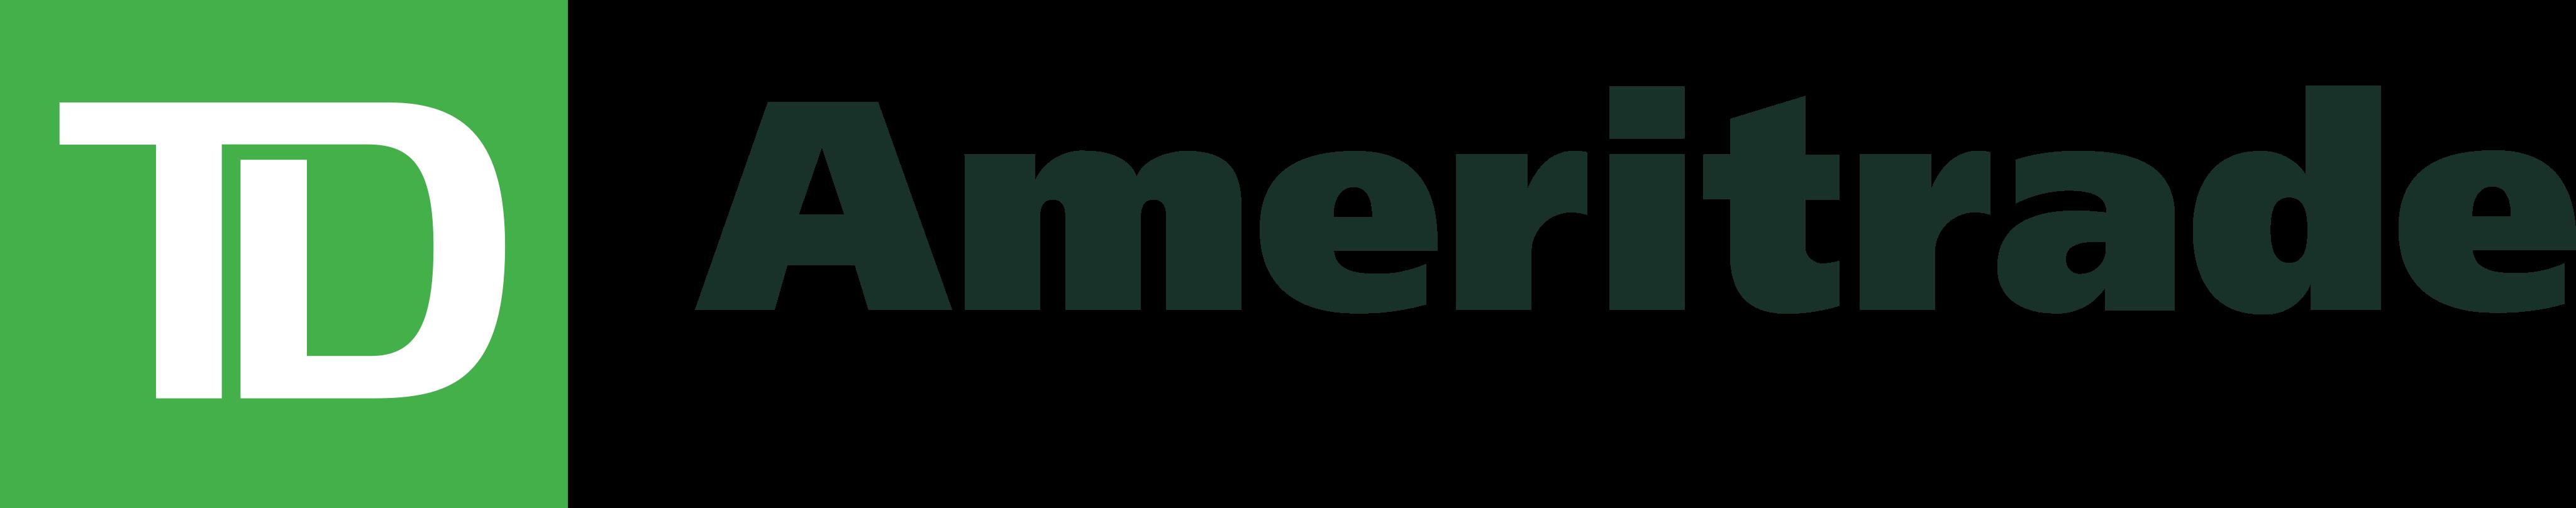 td ameritrade logo - TD Ameritrade Logo